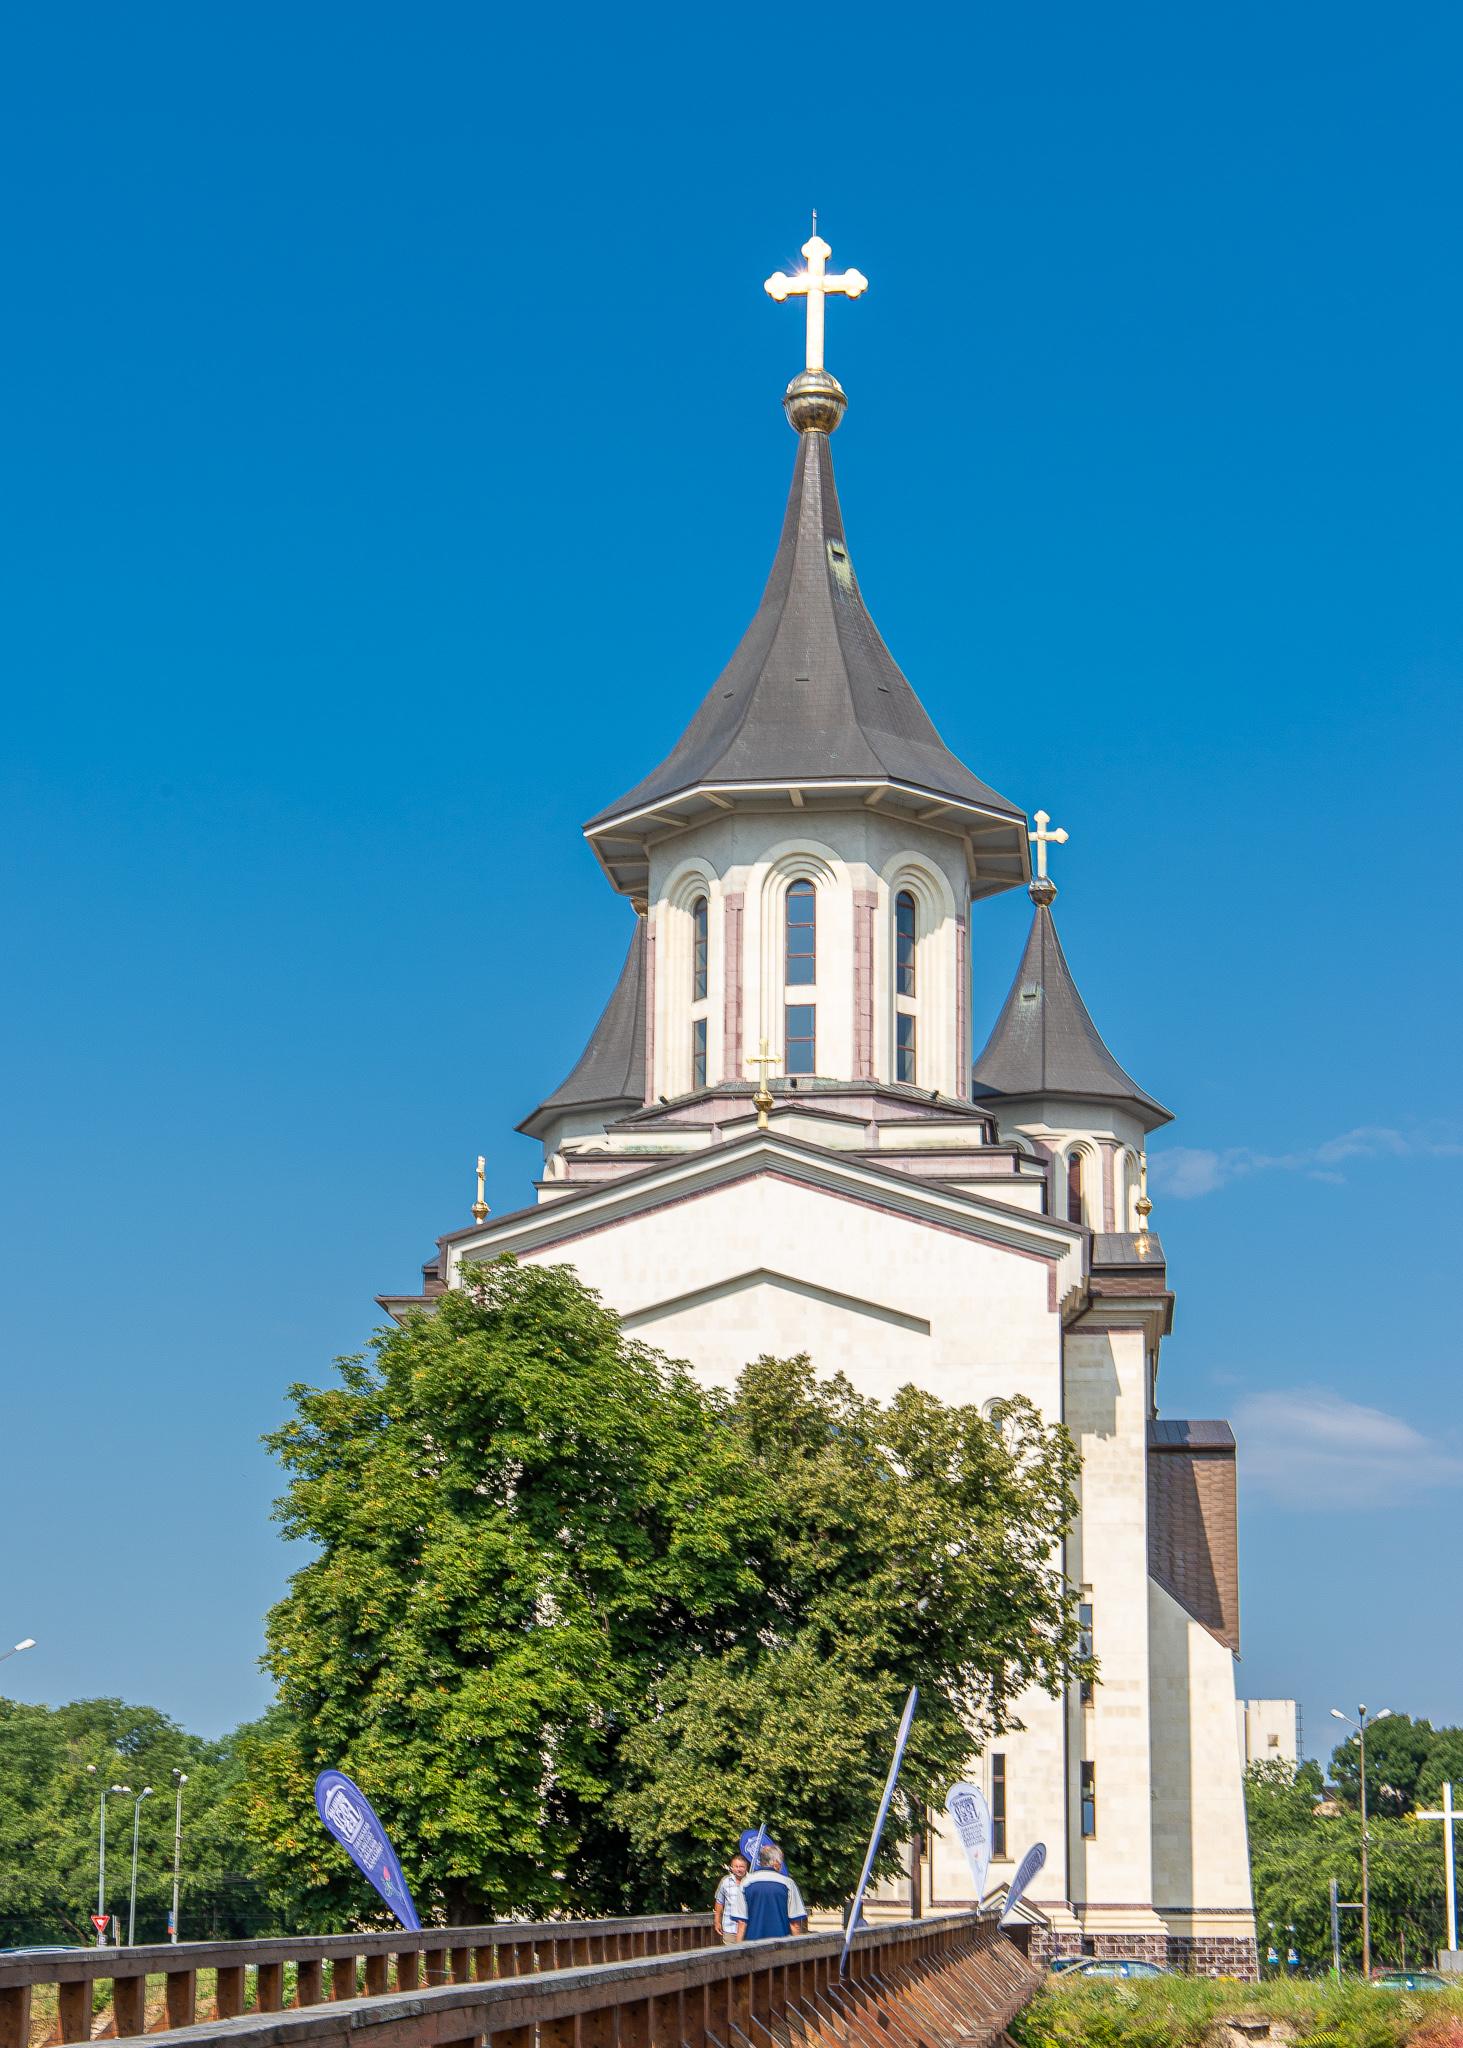 Catedrala Episcopala Invierea Domnului